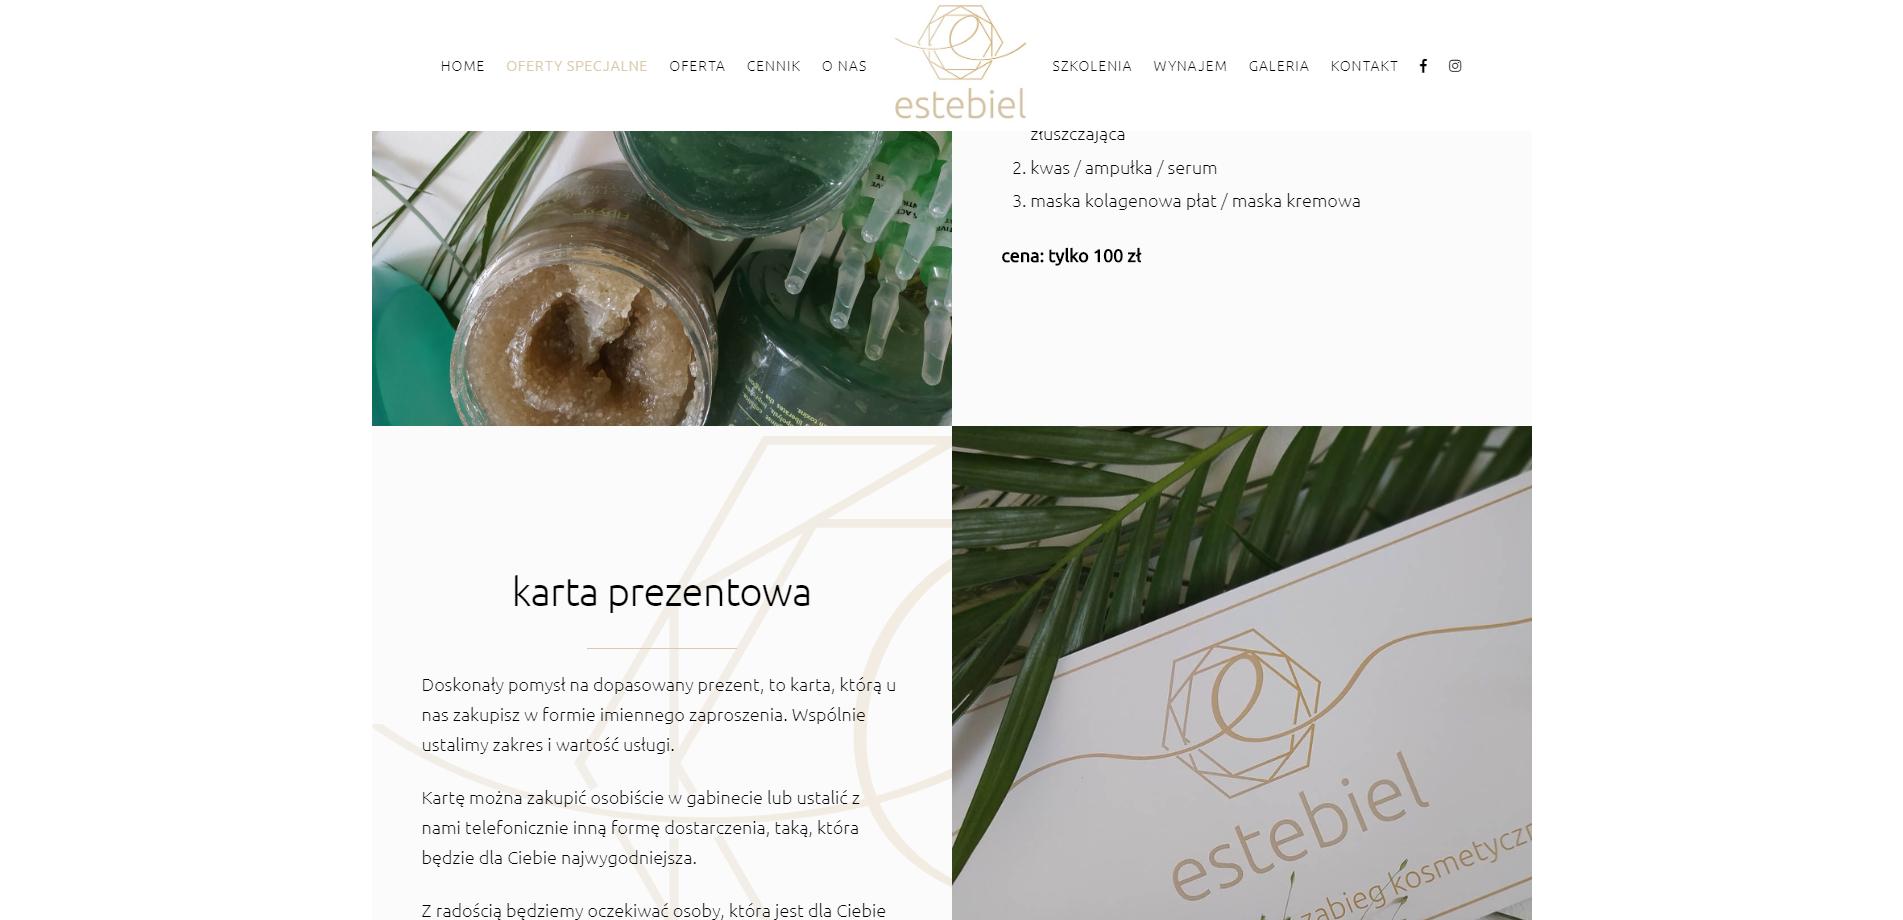 AwesomeScreenshot-Oferty-specjalne-Estebiel-2019-07-10-12-07-27